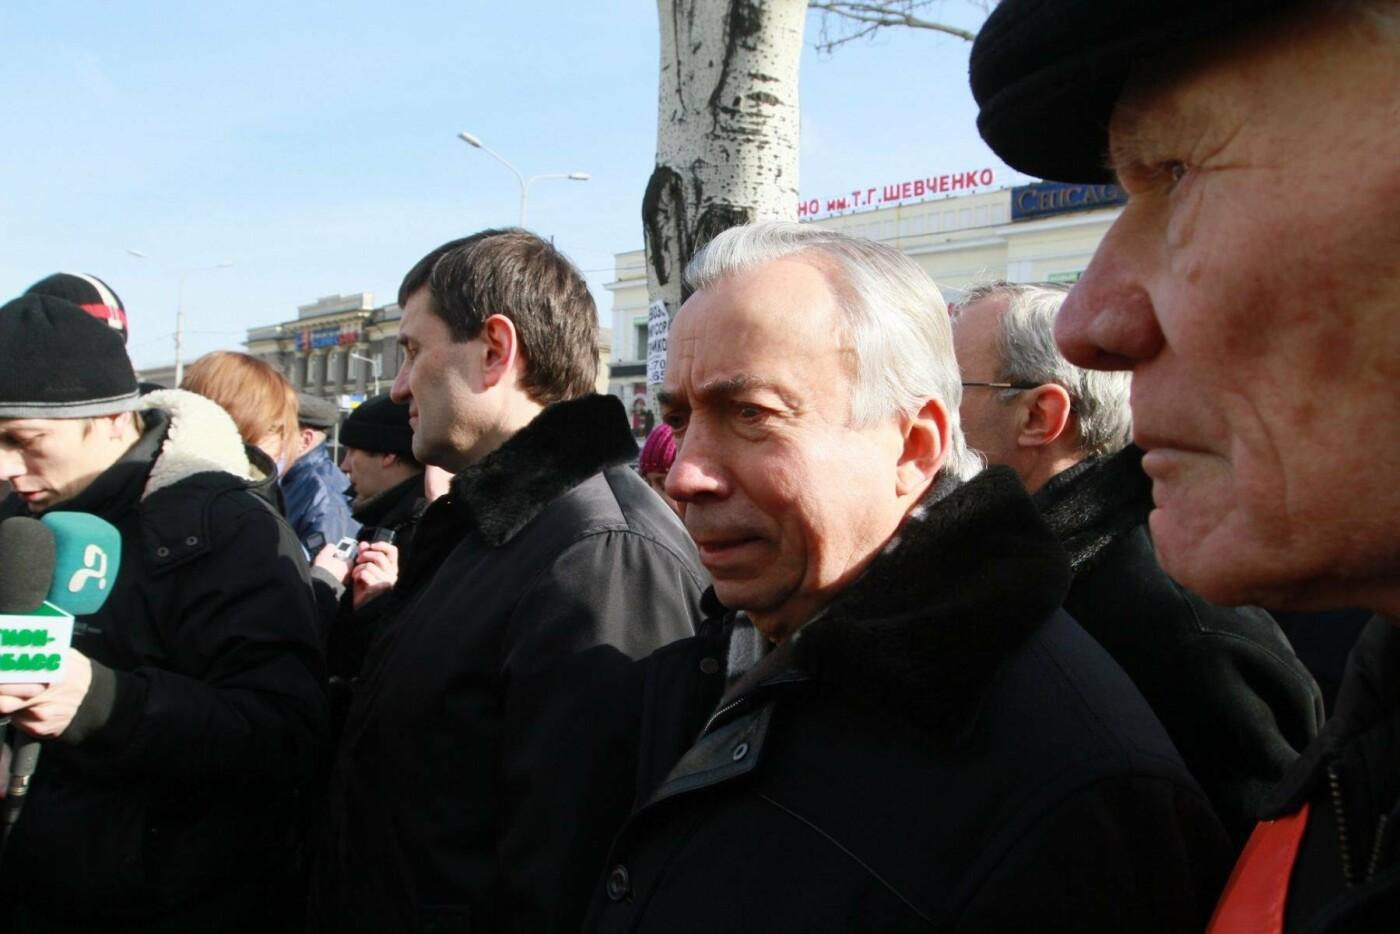 """23 февраля в Донецке 4 года назад: украинцы еще надеялись, но массовка для """"русской весны"""" уже была завезена (Фото), фото-4"""